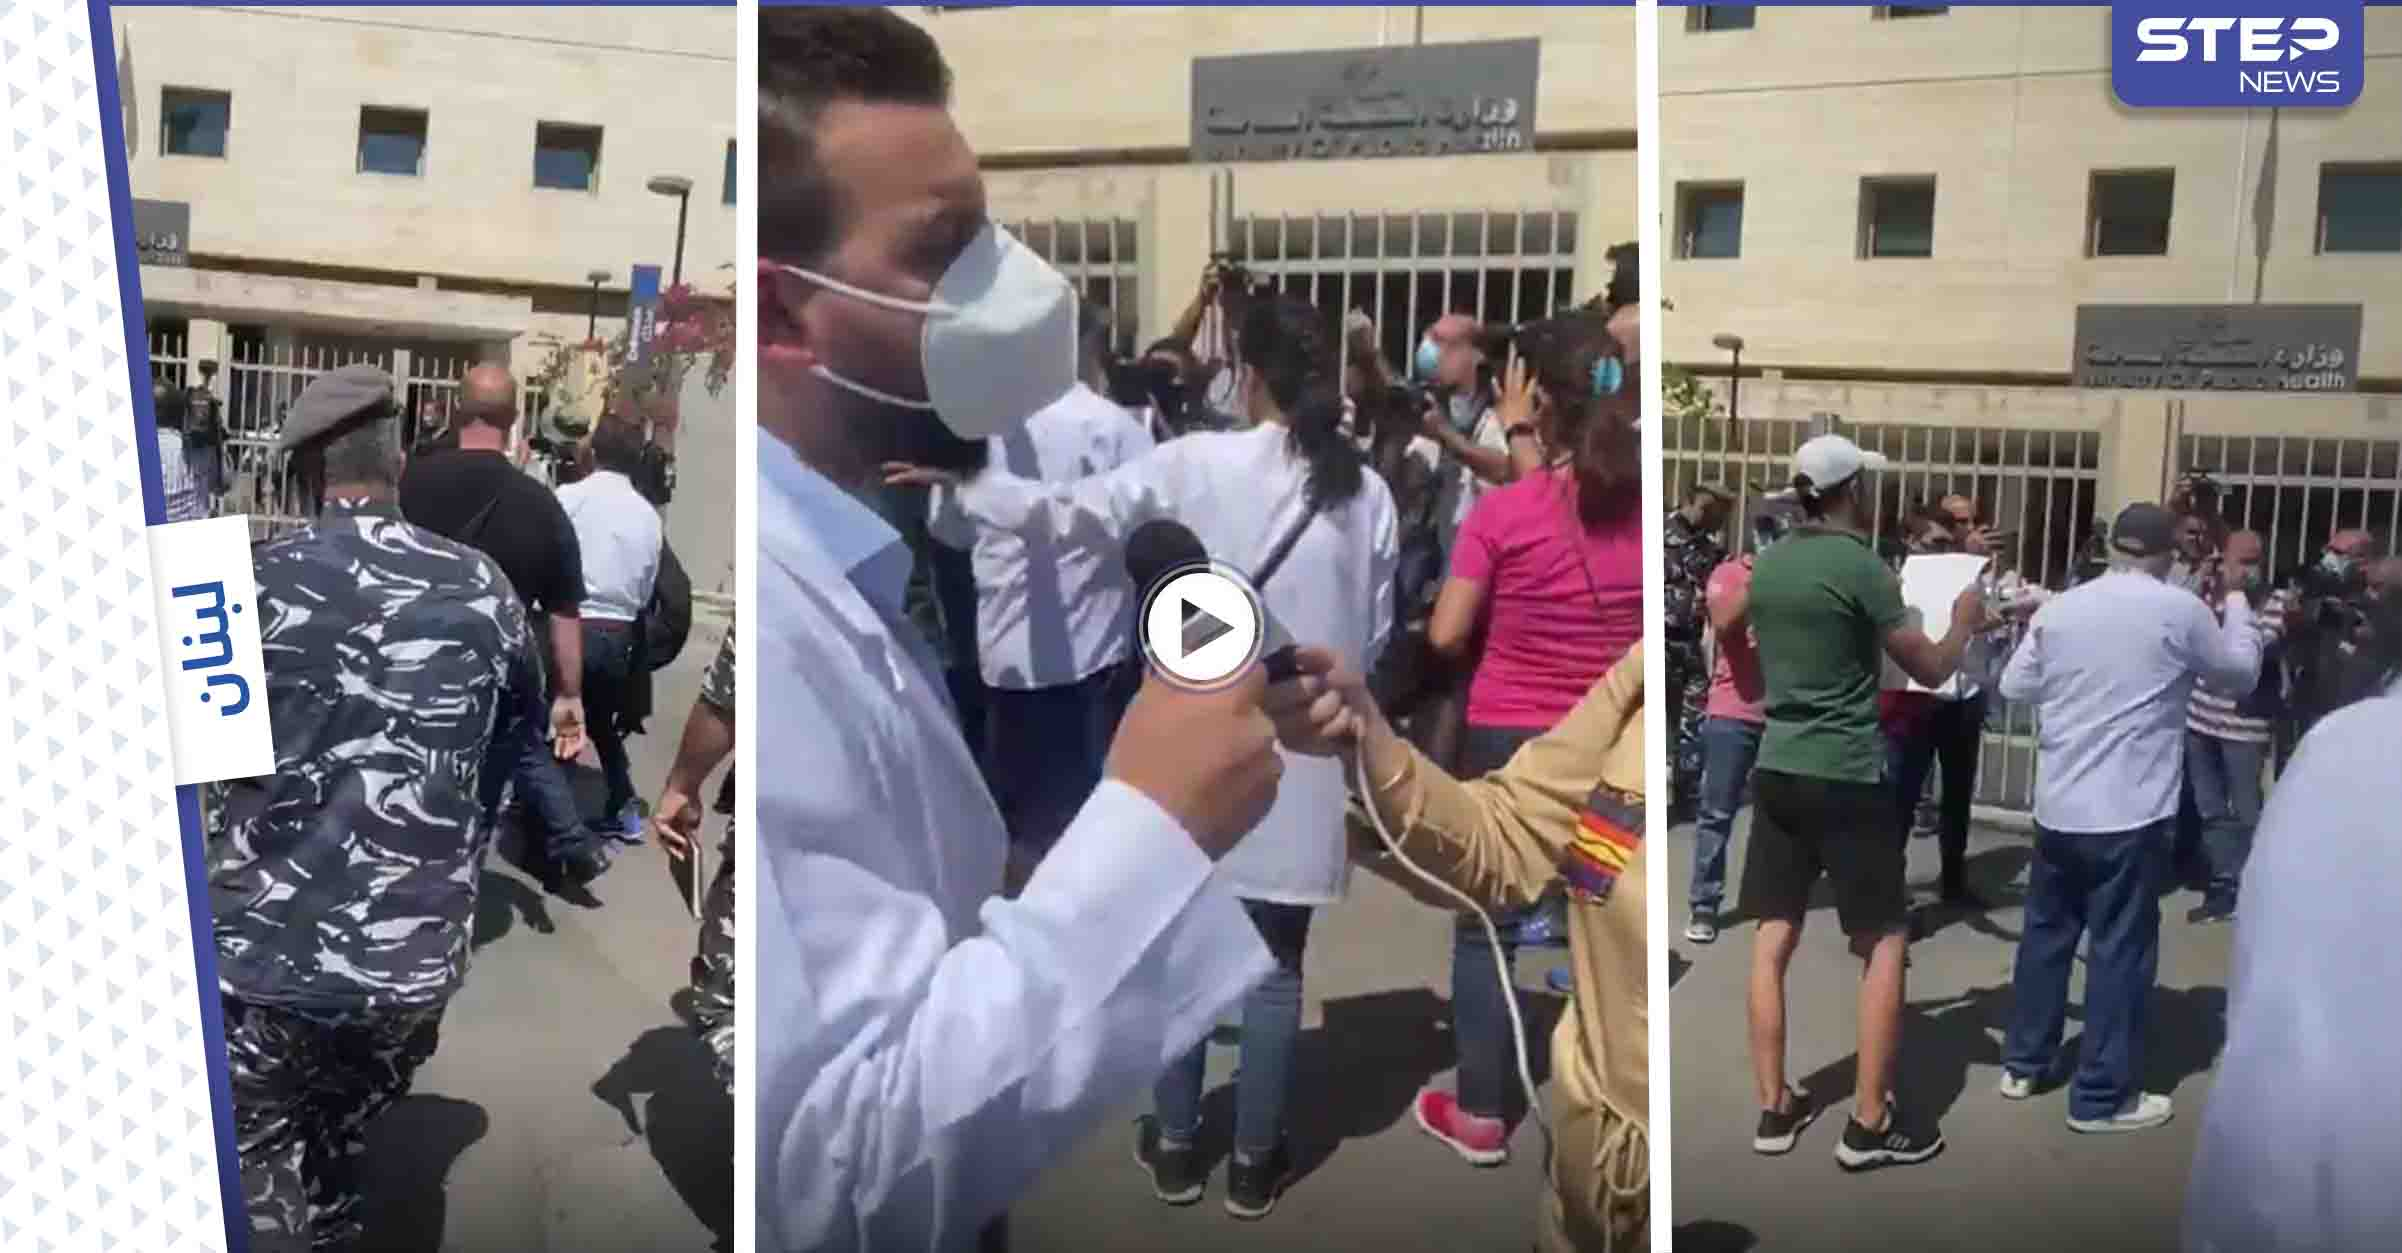 وزارة الصحة تتصدر ترند لبنان بعد هجوم الأطباء والصيادلة عليها واقتحامها.. وطبيبة تخاطب الوزير (فيديو)